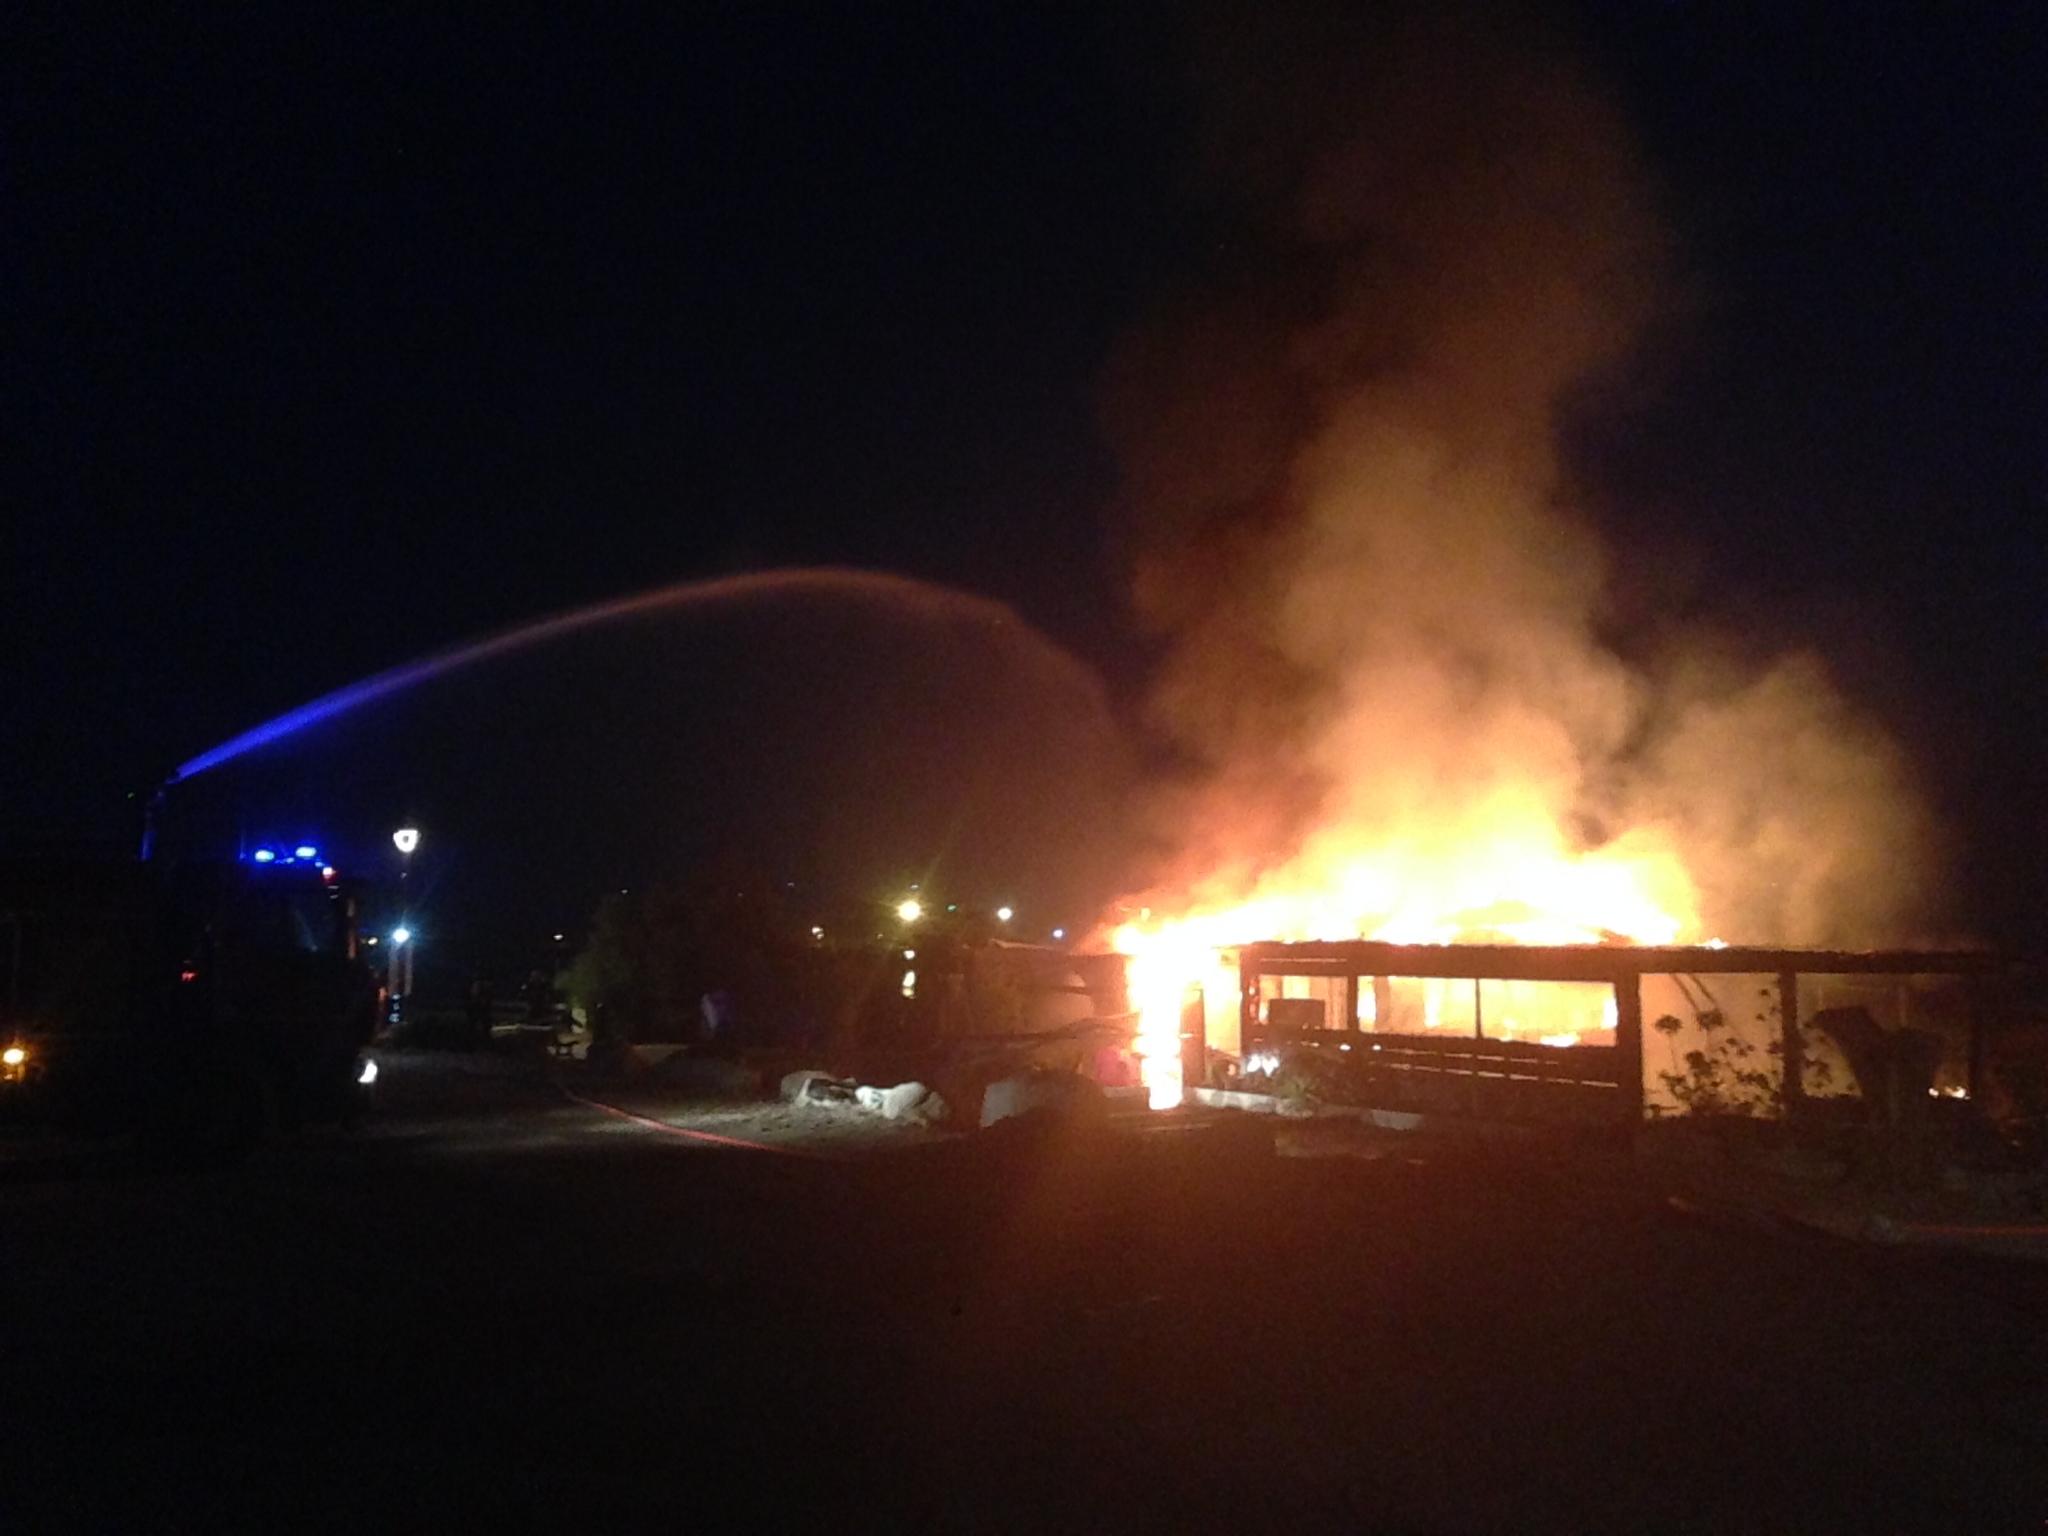 Après les incendies criminels : L'Ile-Rousse en état de choc